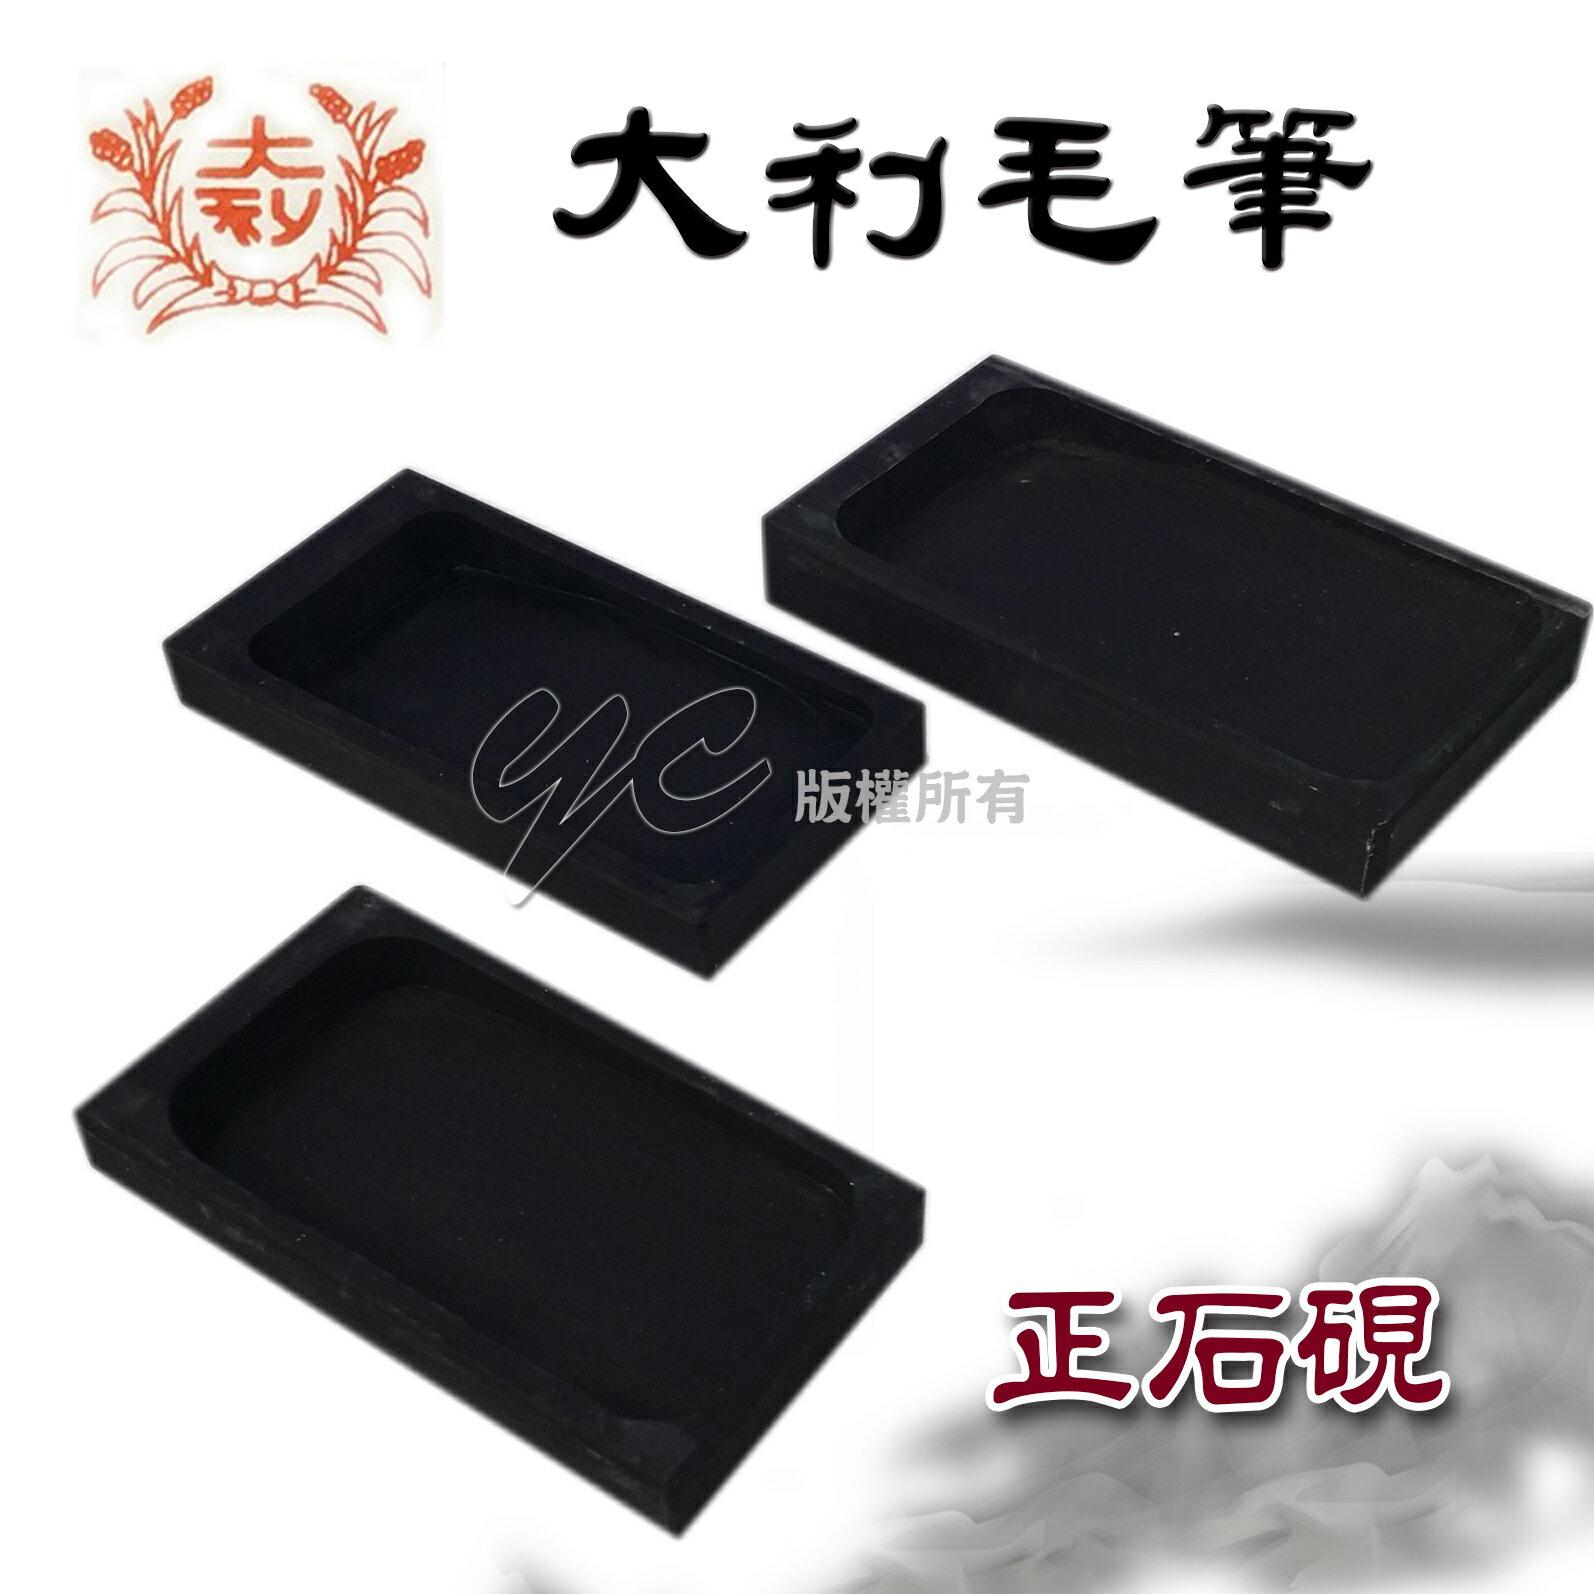 【大利】 小正石硯 11X6cm 硯台 /個